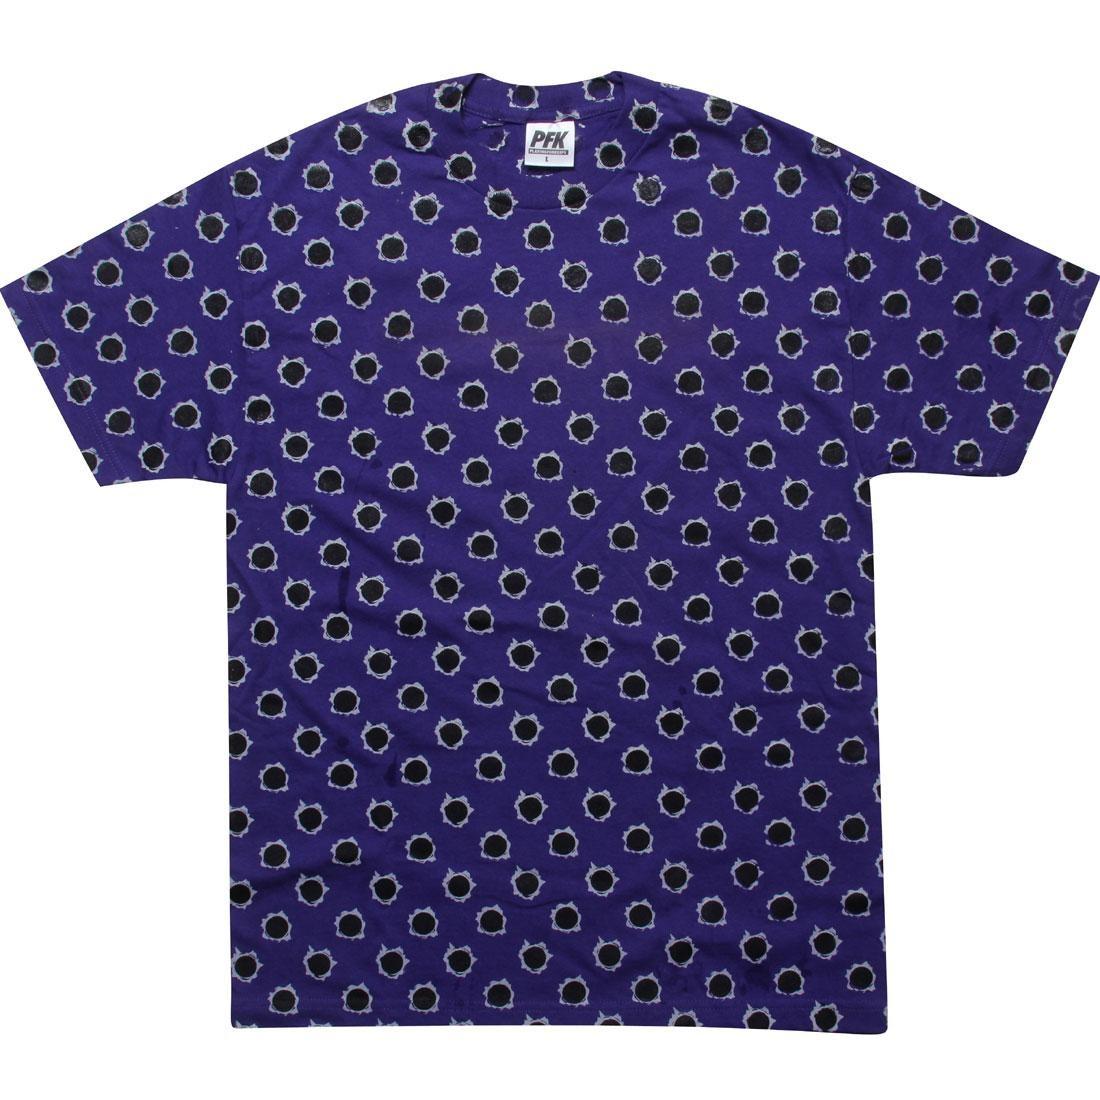 ブレット Tシャツ メンズファッション トップス カットソー メンズ 【 Playing For Keeps Bullet Holes Tee (purple) 】 Purple